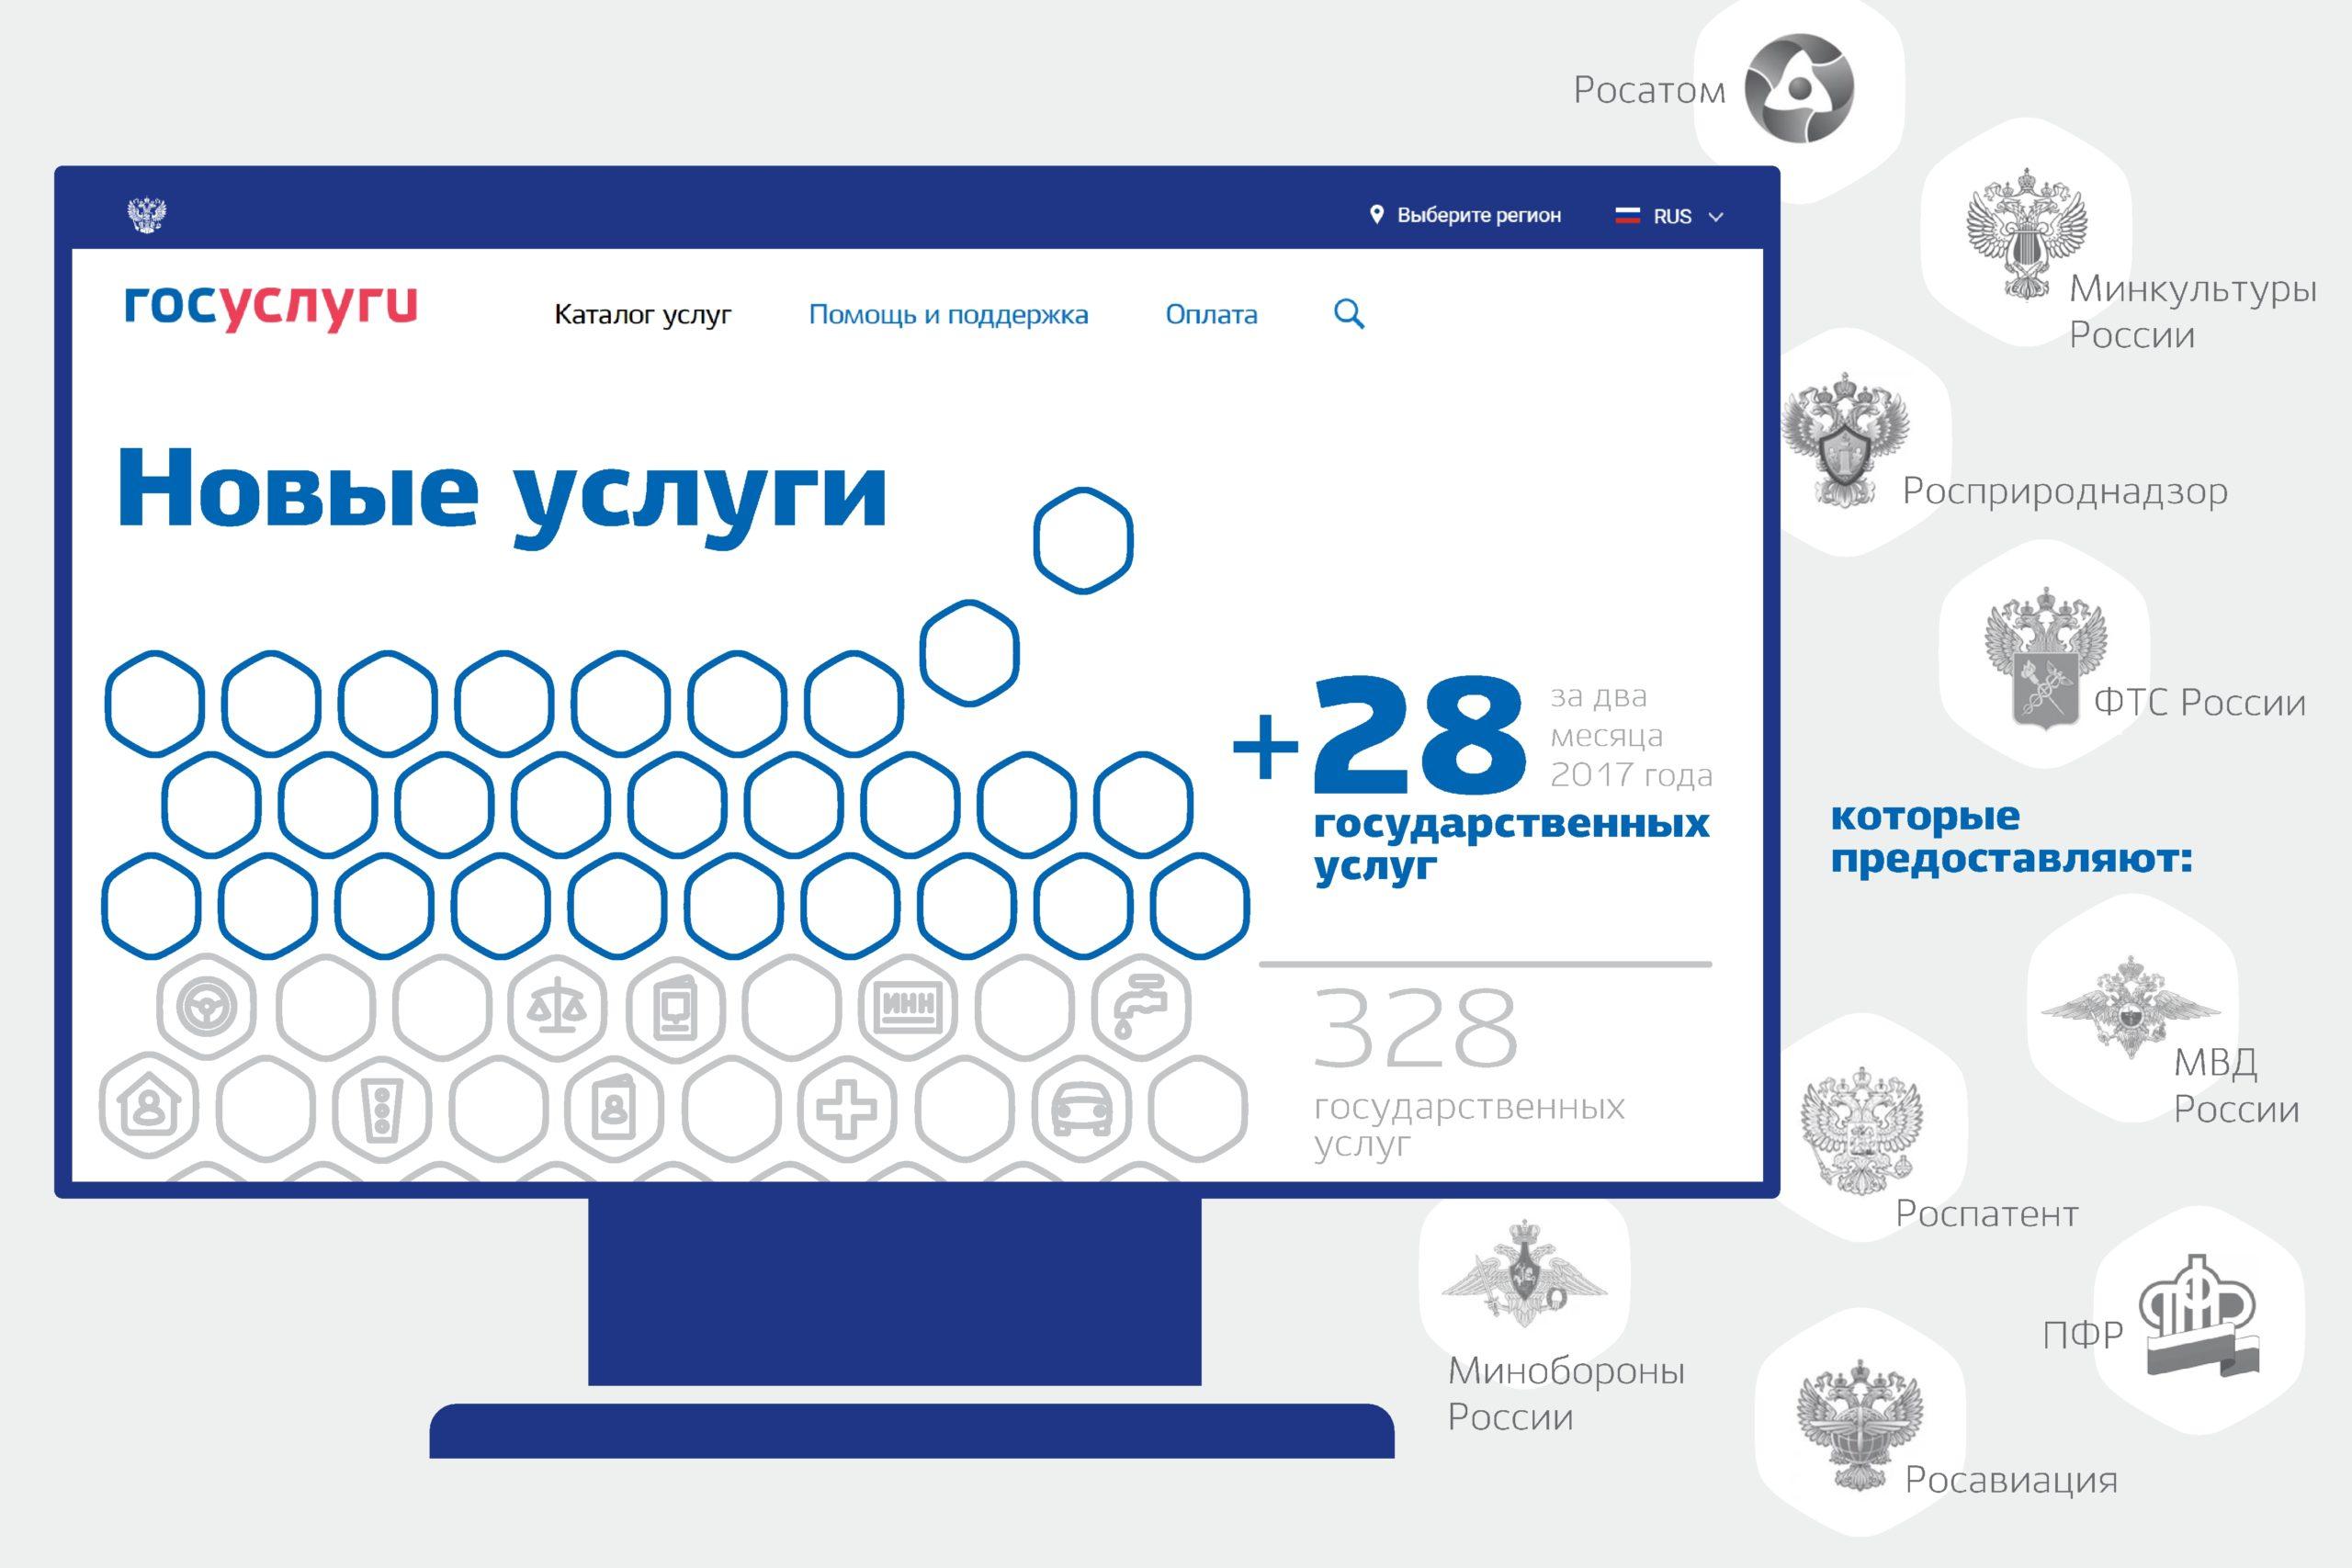 ЕПГУ Московской области официальный сайт